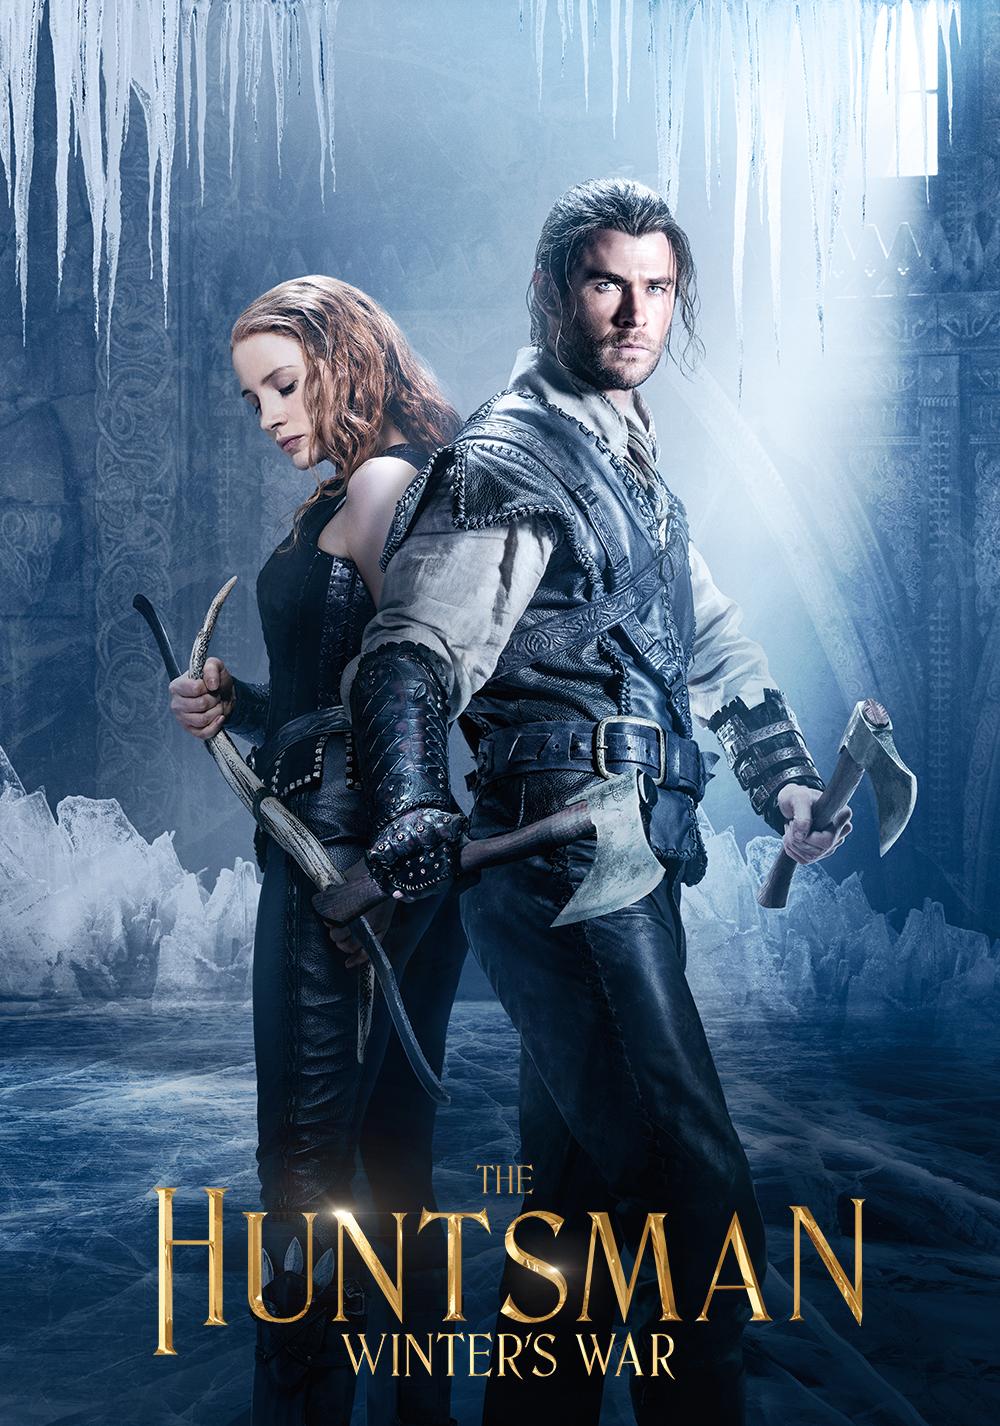 THE HUNTSMAN WINTERS WAR (2016) TAMIL DUBBED HD